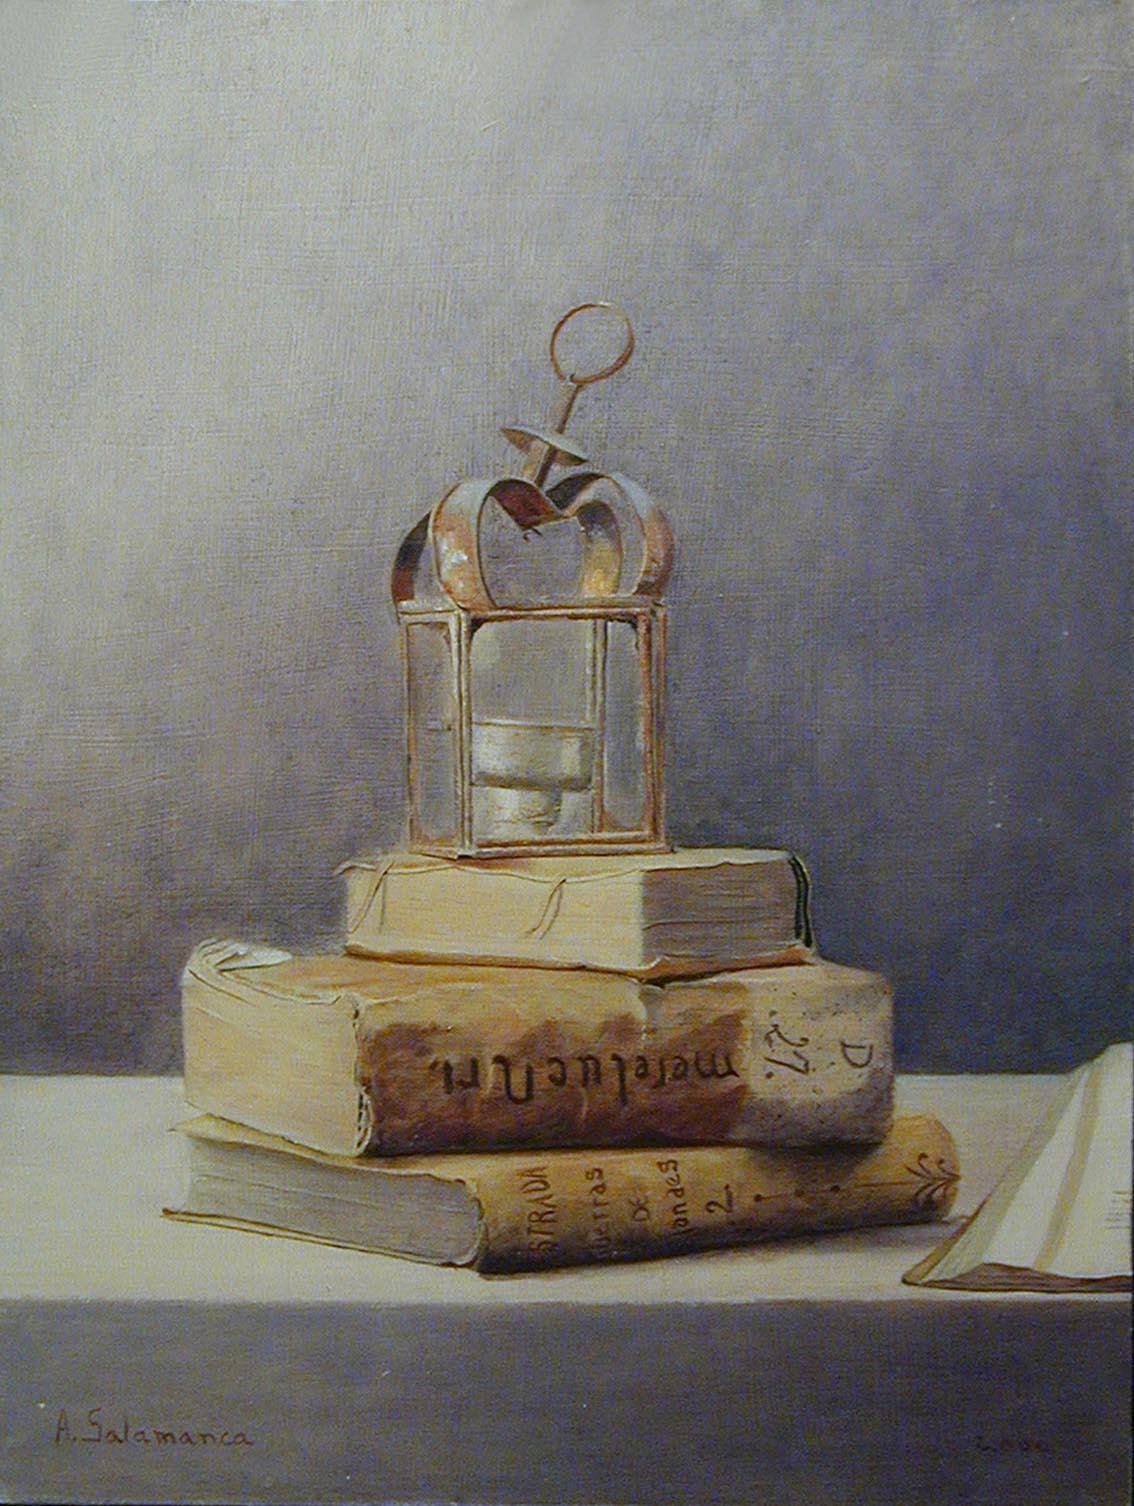 Candil y libros